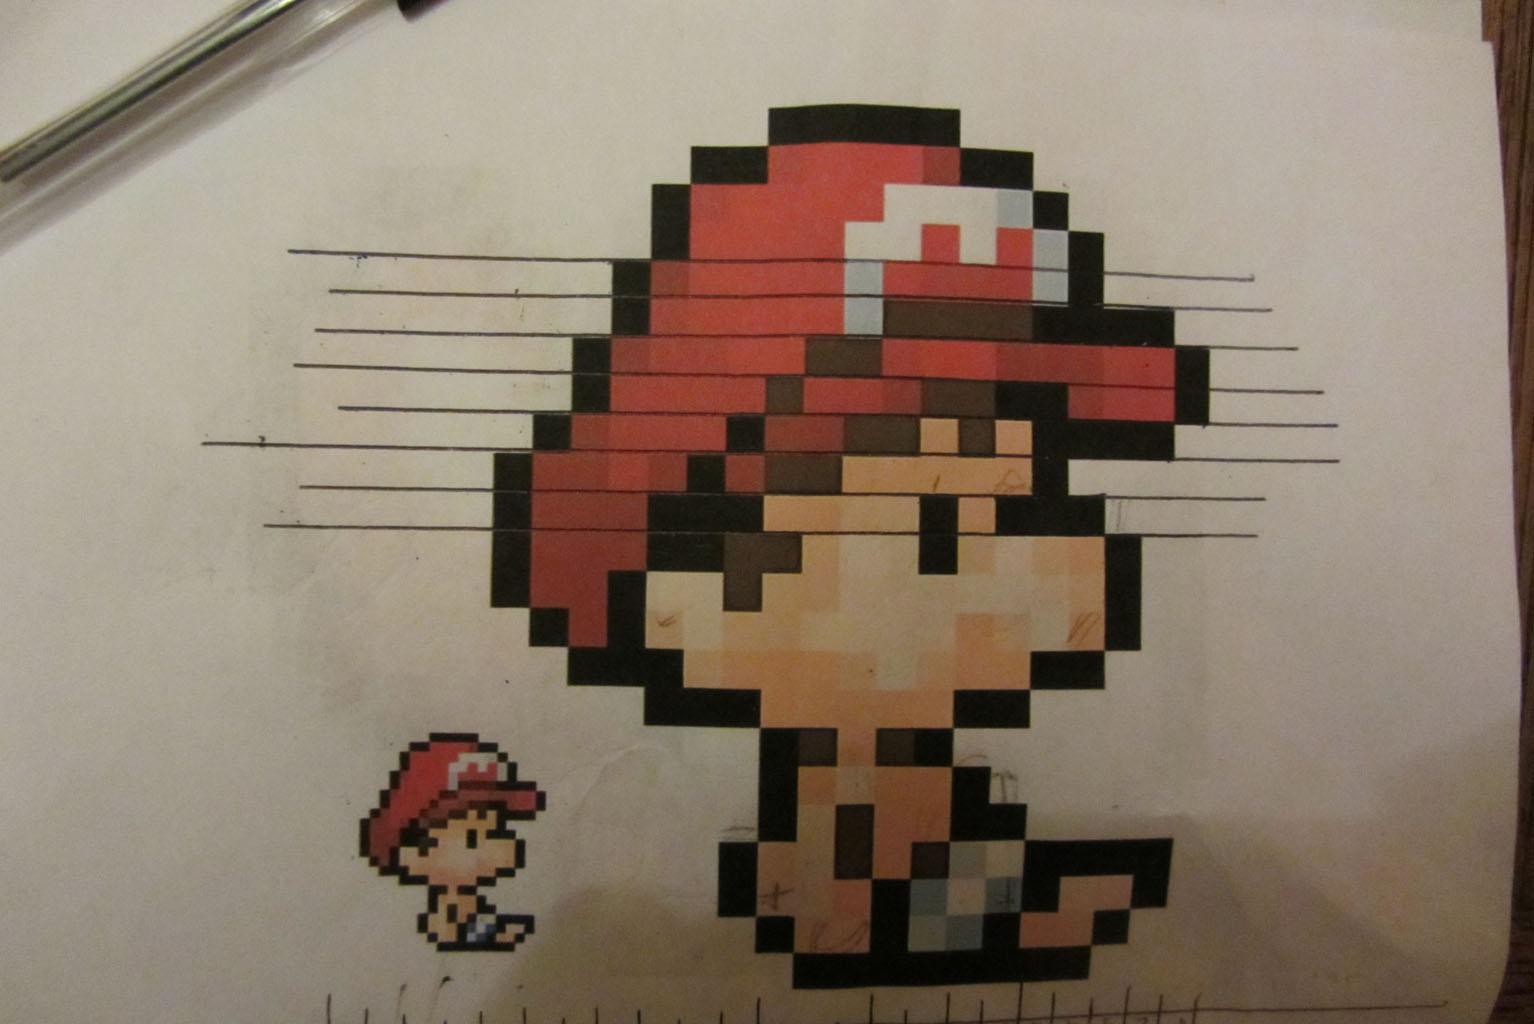 Jeux Pixel Art En Ligne concernant Jeux Dessin Pixel